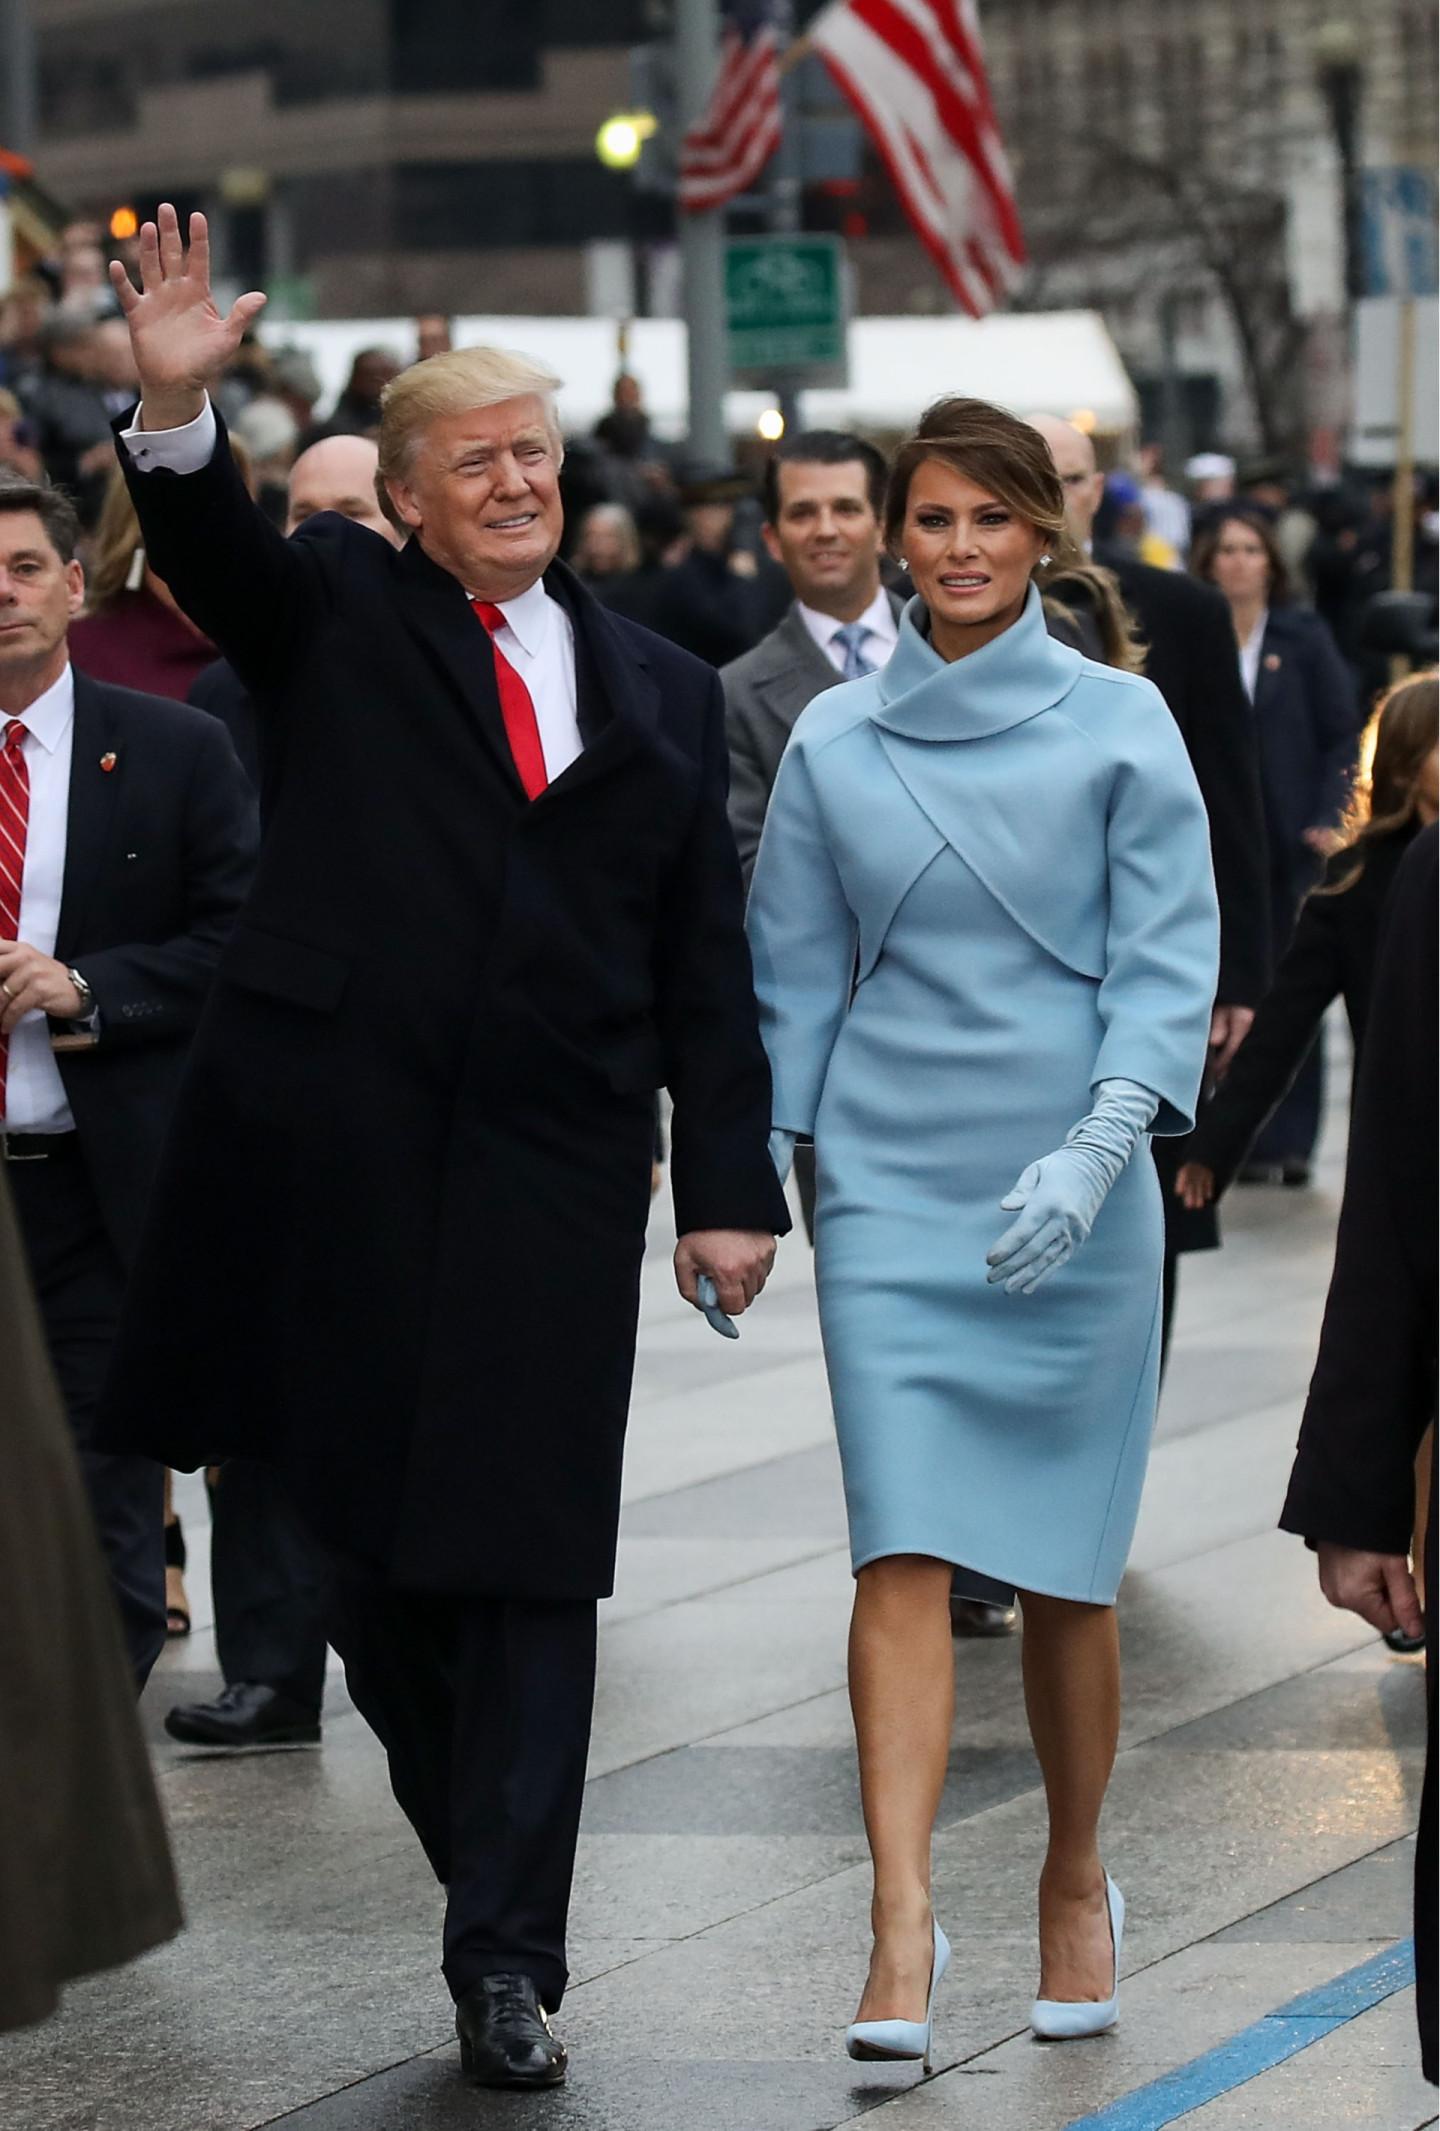 Дональд Трамп предположительно в одежде Brooks Brothers и Мелания Трамп в костюме Ralph Lauren, инаугурационный парад, 2017 год